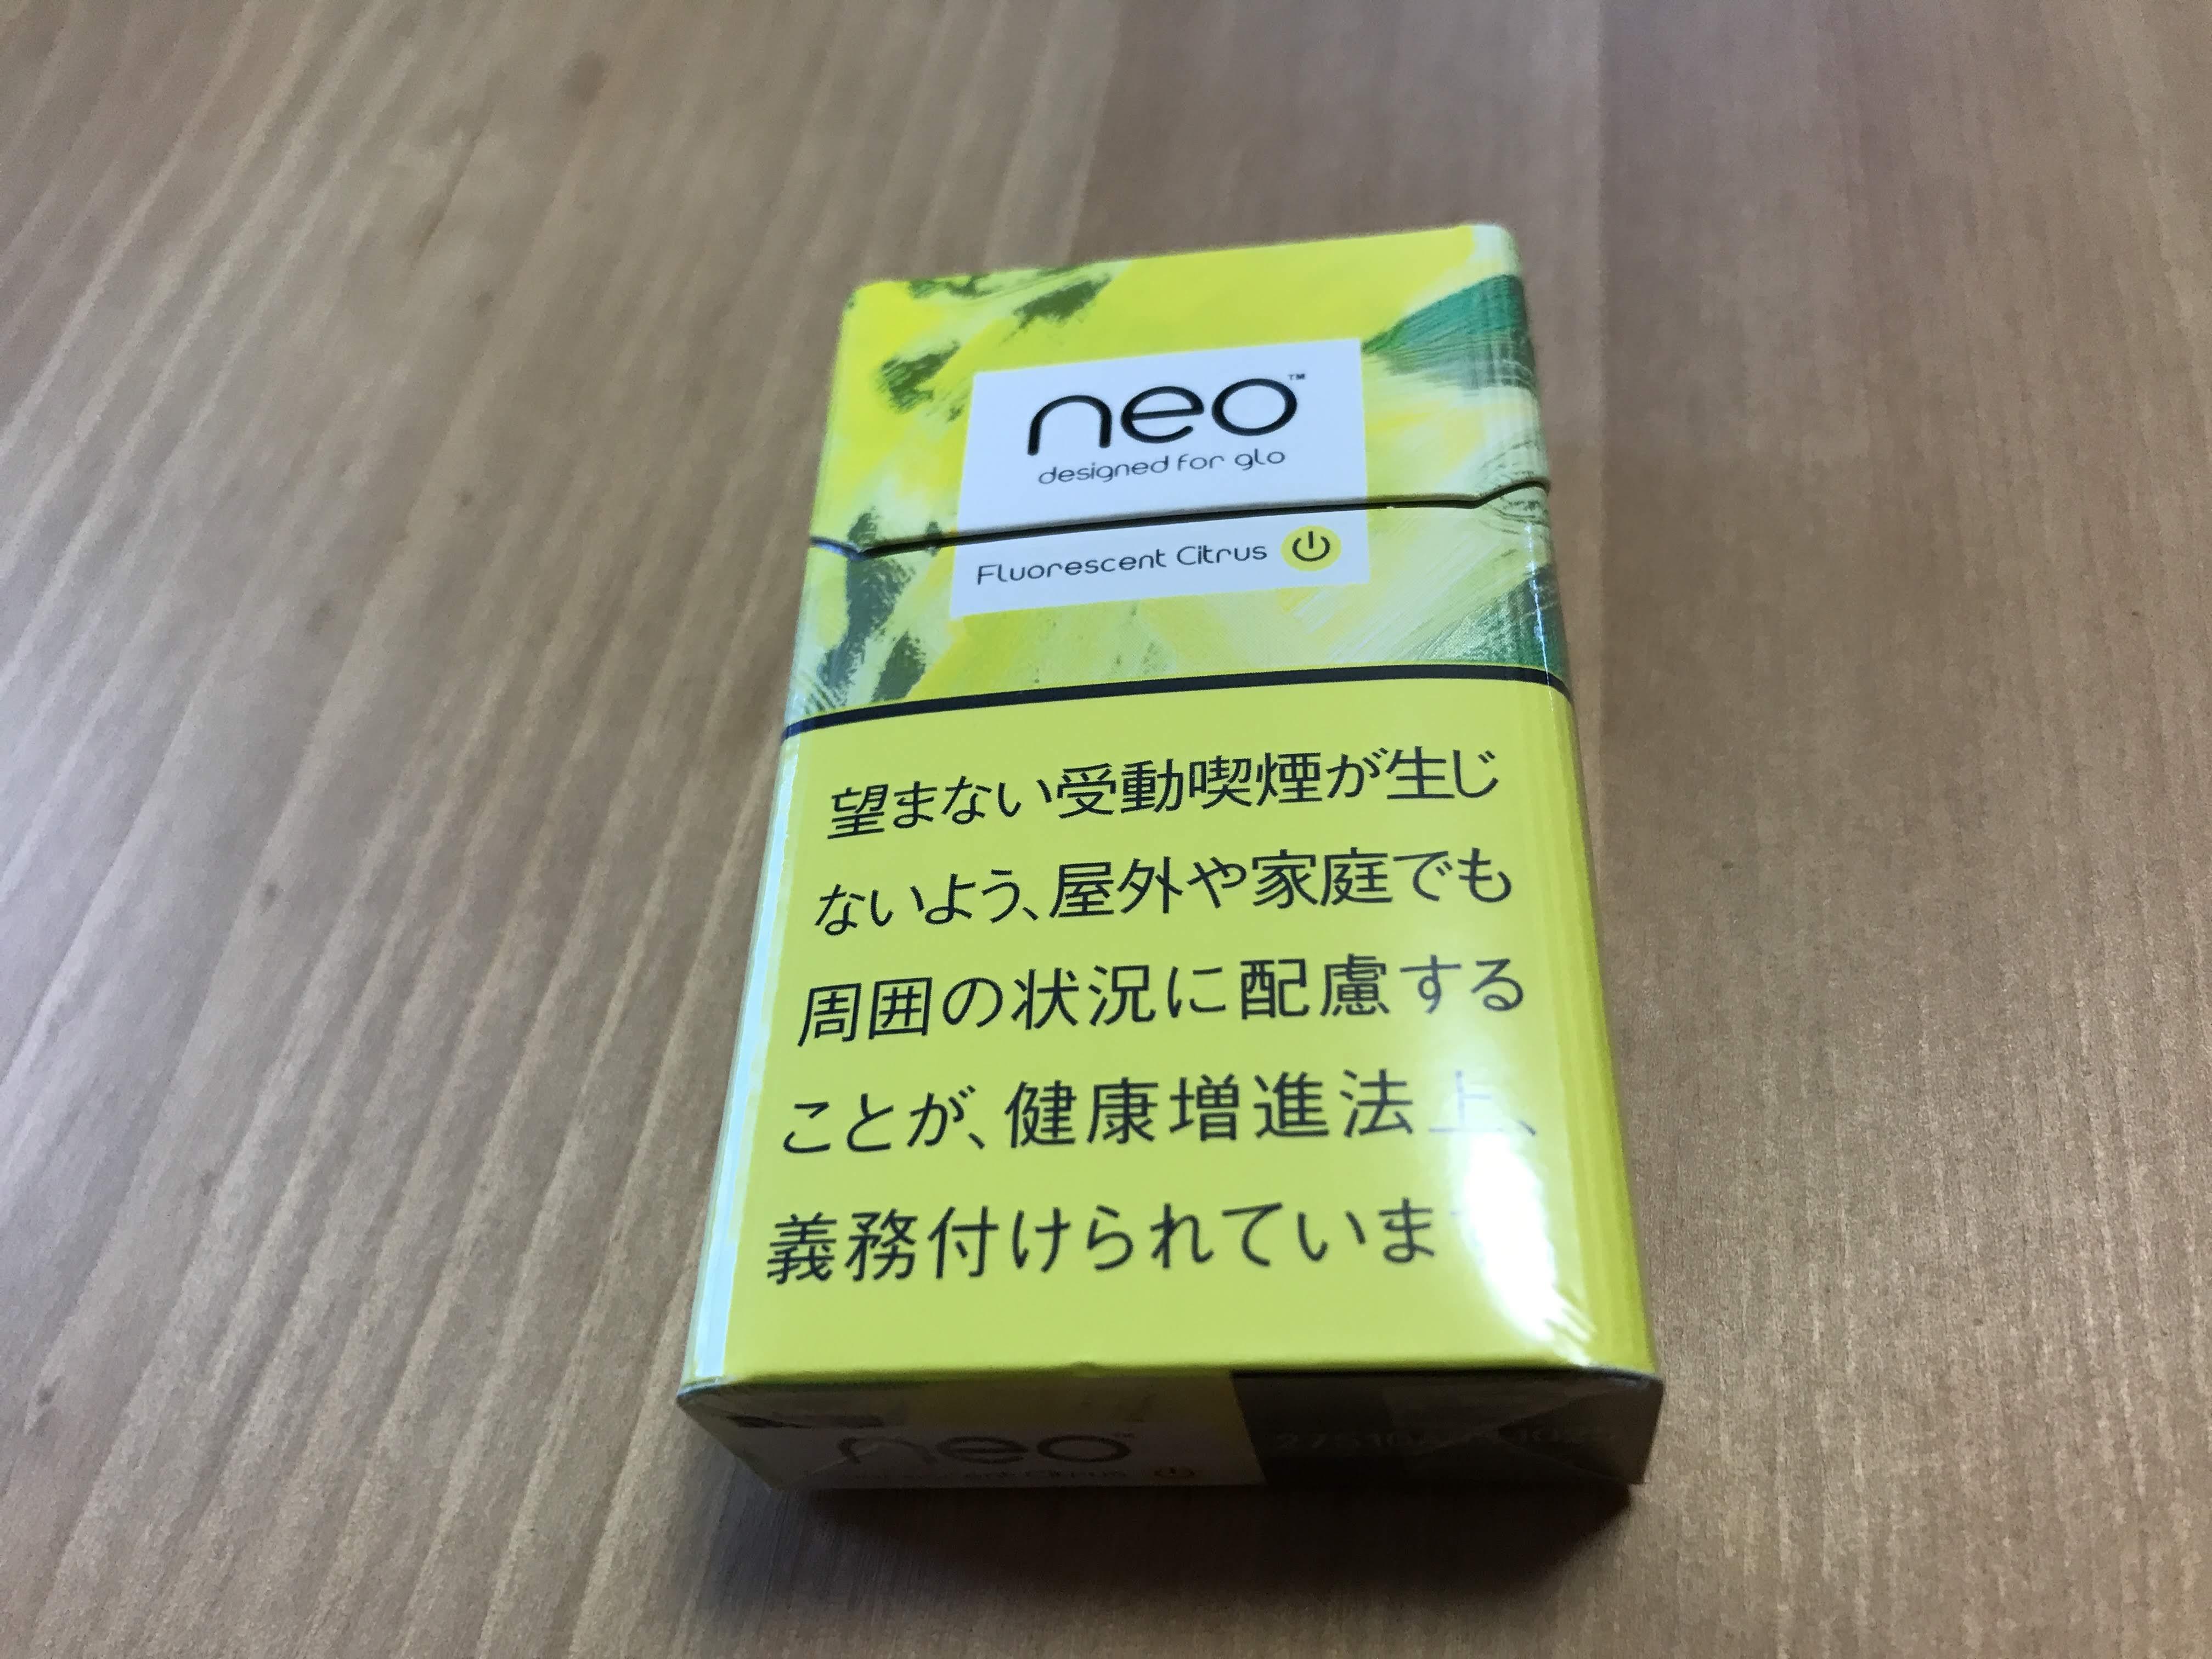 グローハイパーのネオ・フローレセント・シトラス・スティック味